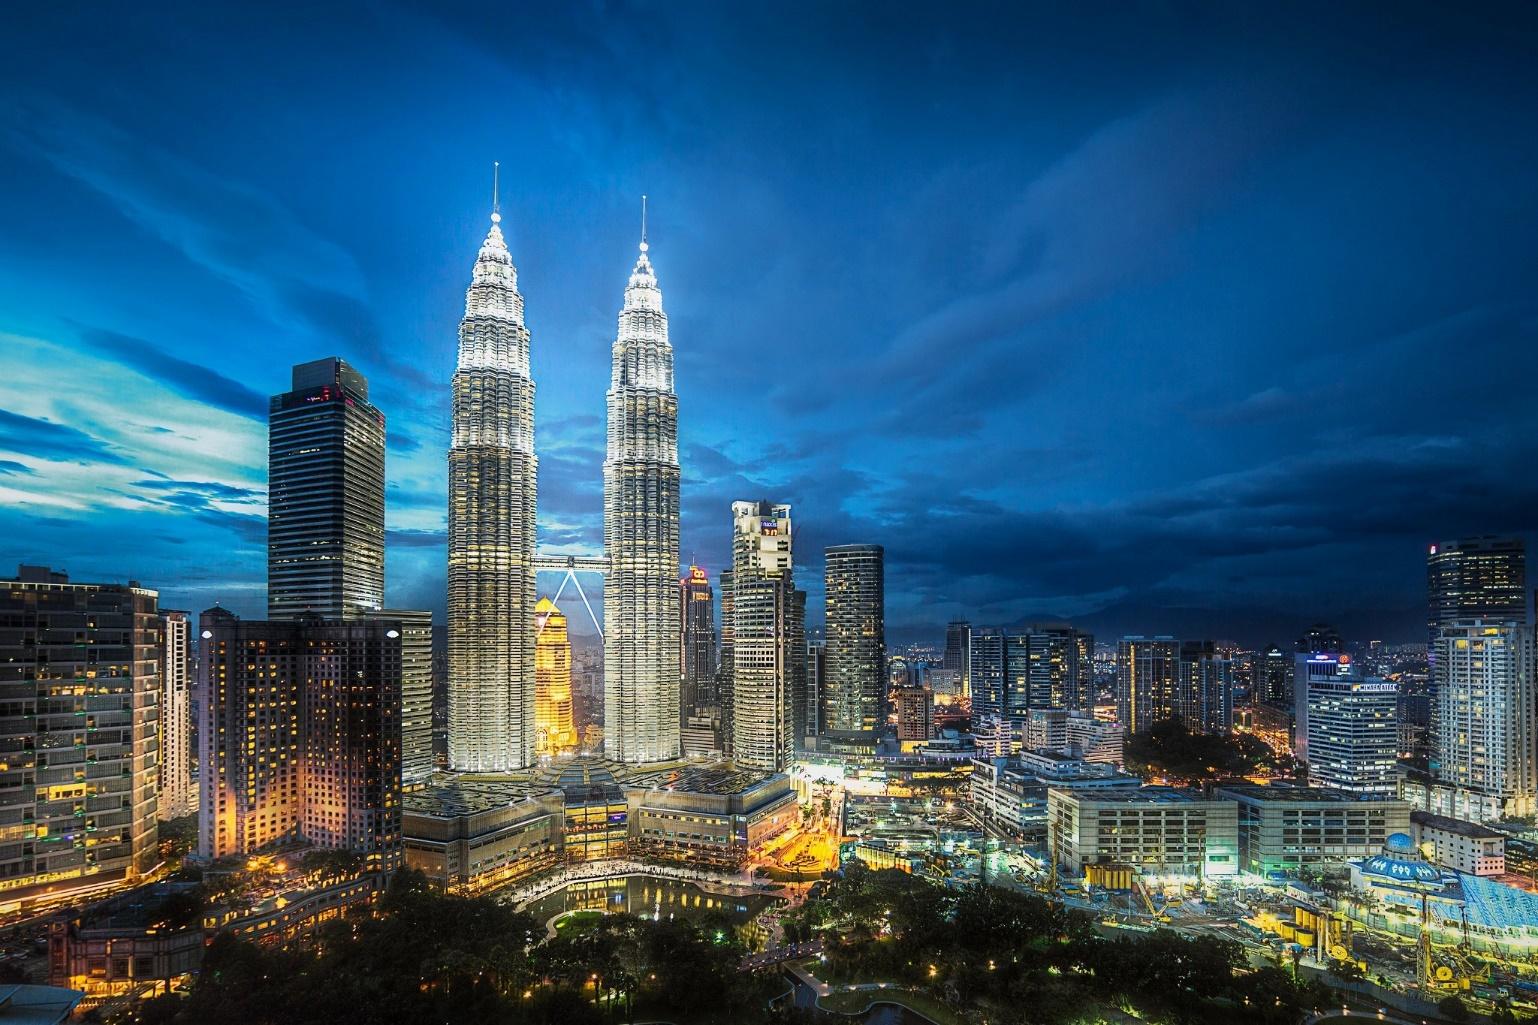 Xem chương trình du lịch tương tác trực tuyến của KingGo mới biết có một Malaysia đẹp hút hồn tới vậy! - Ảnh 11.